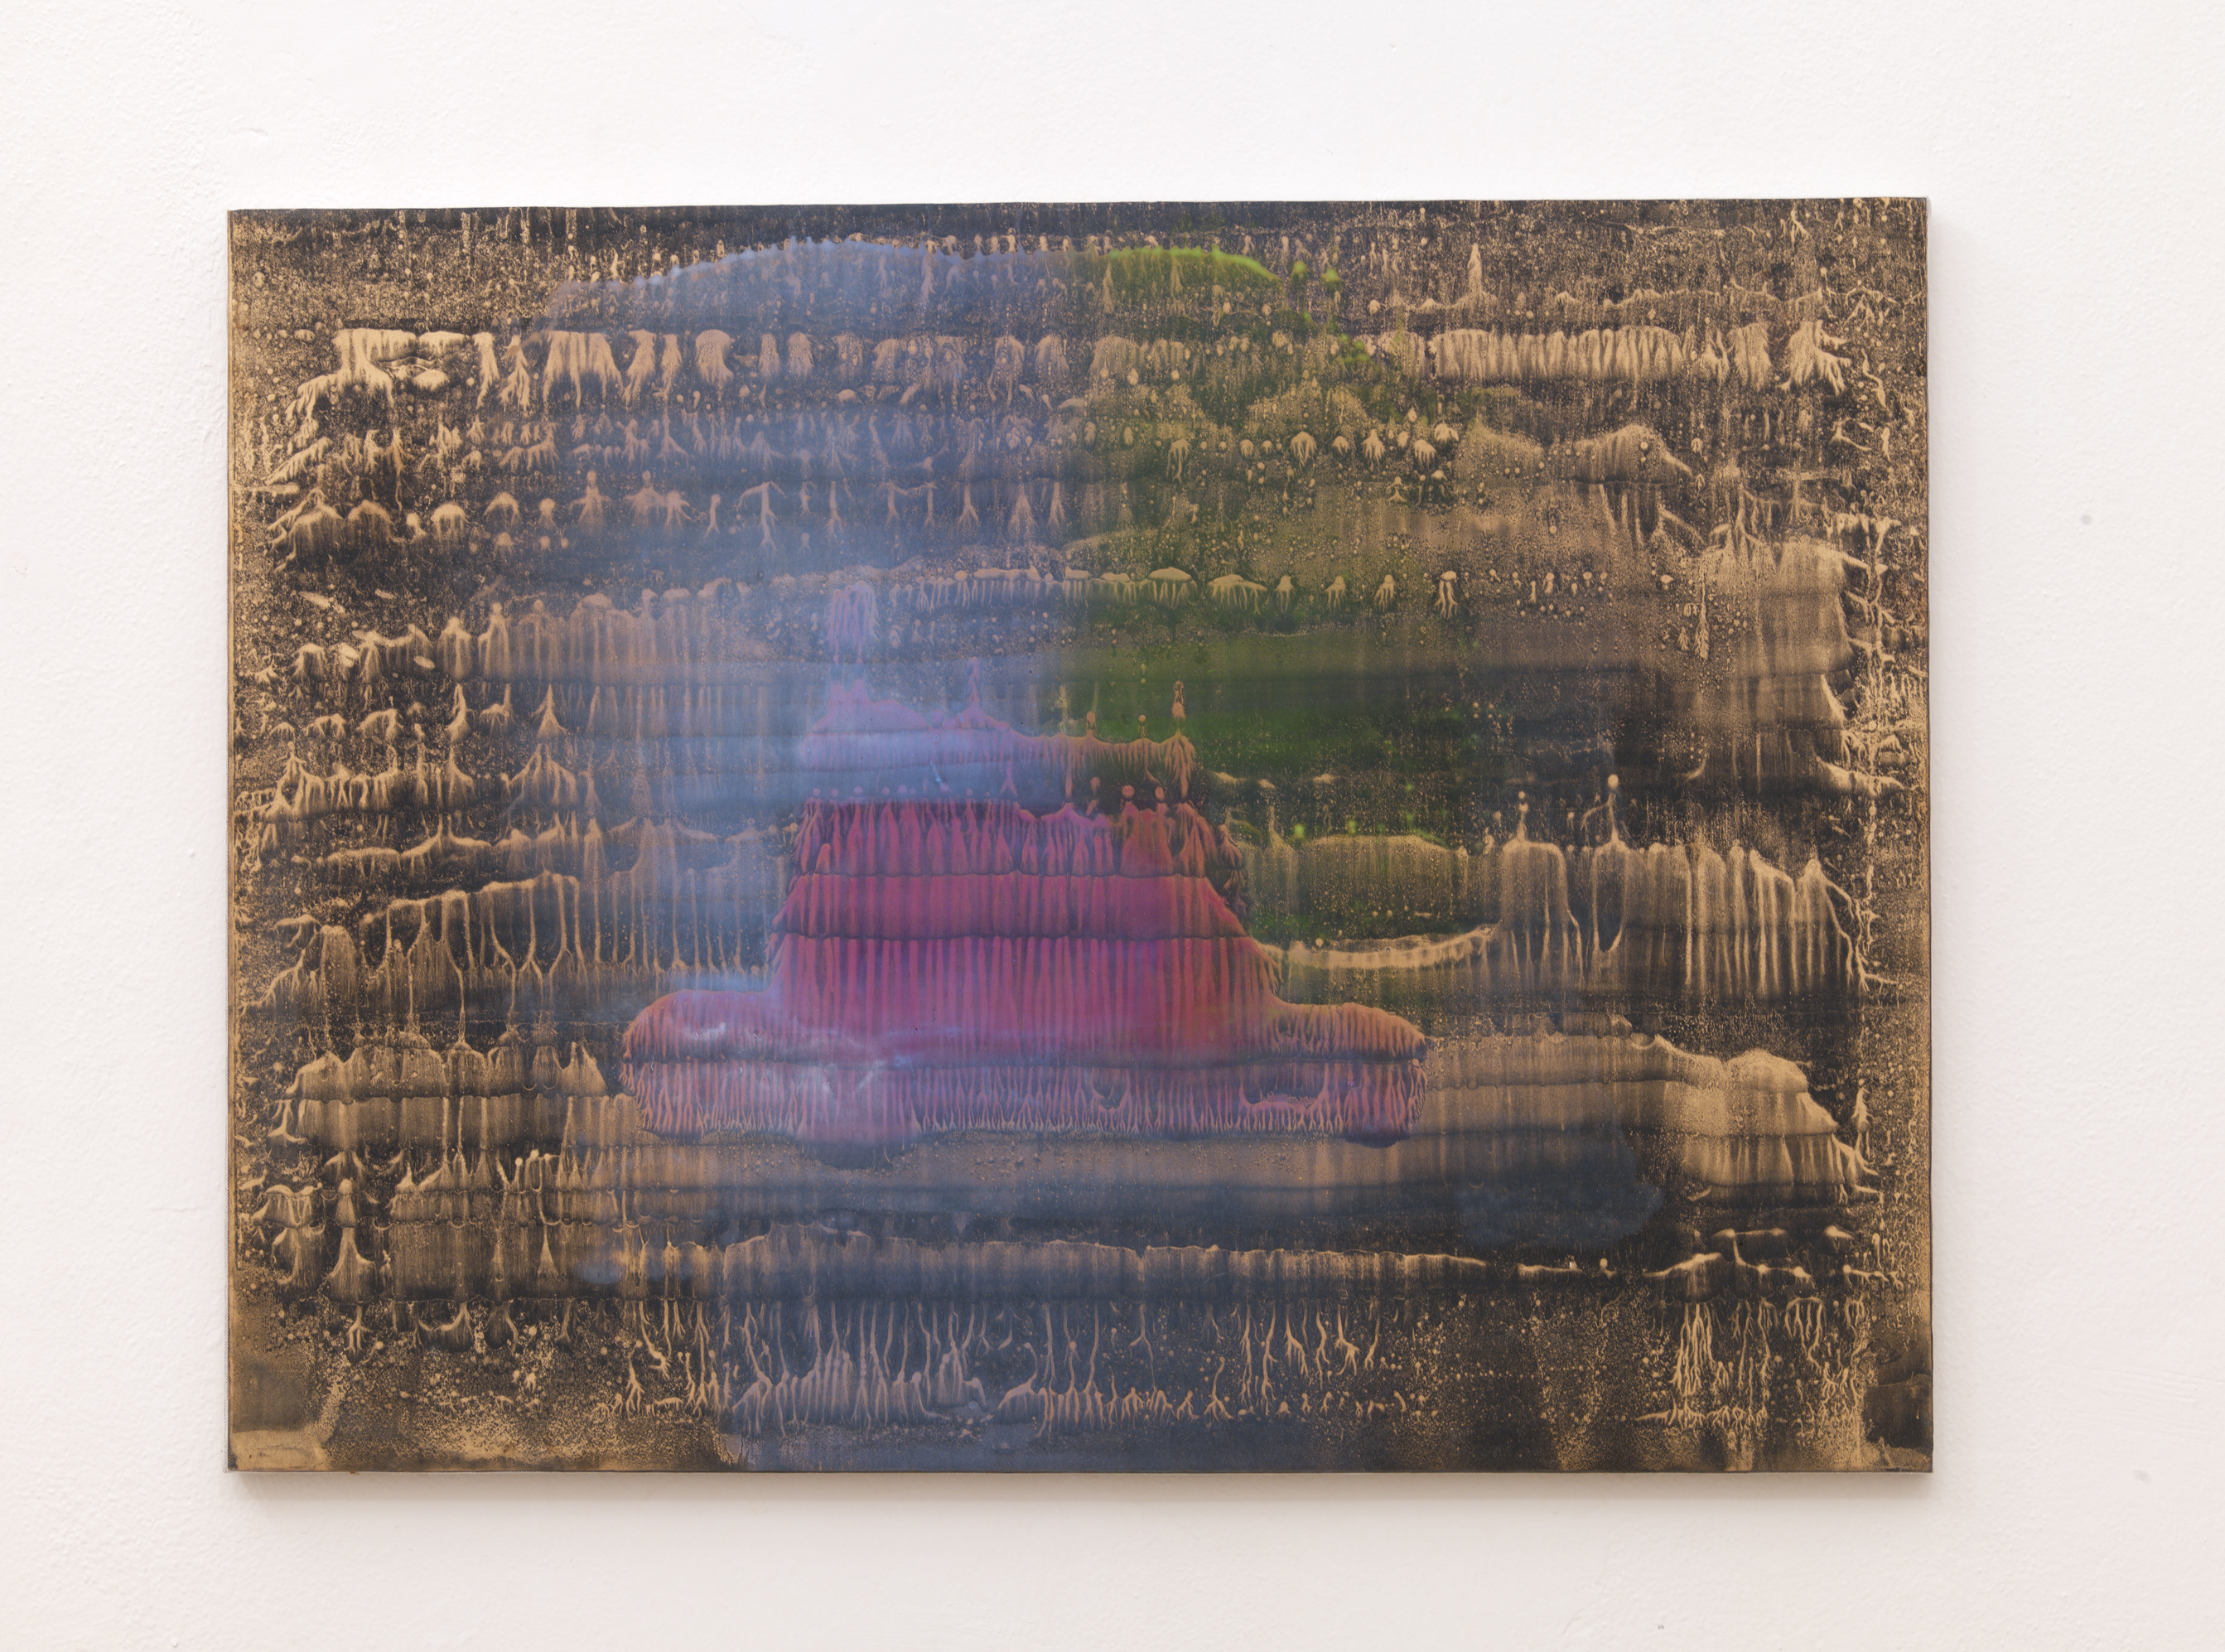 Matteo Montani, Senza titolo, 2014, olio e polvere d'ottone su carta abrasiva intelata, cm 70x94